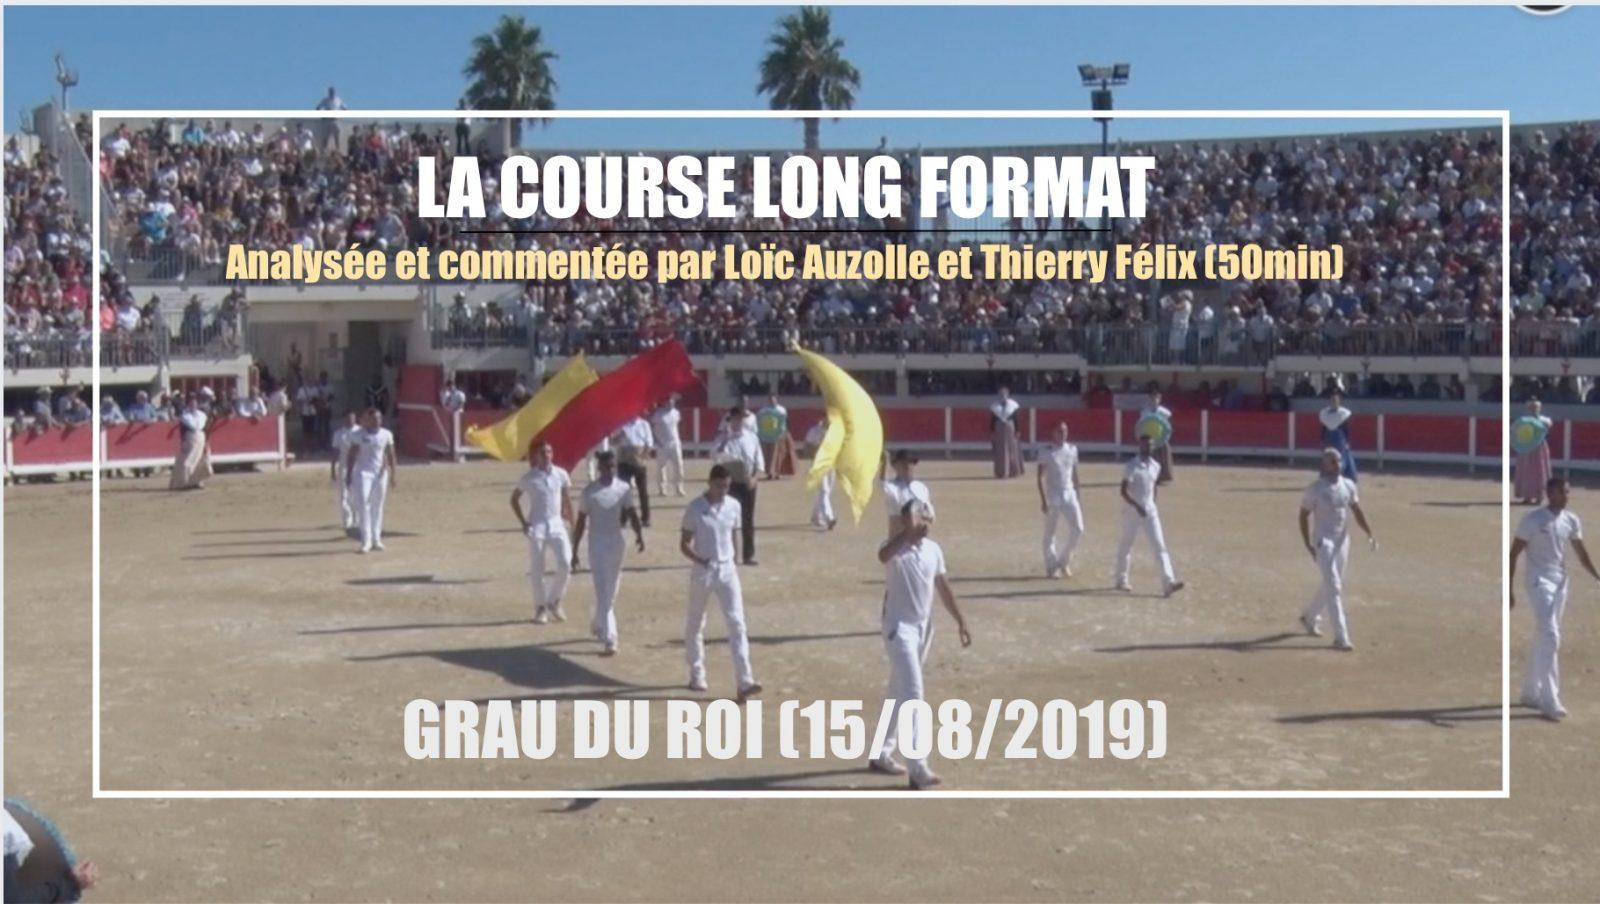 LA COURSE LONG FORMAT (50min) – Grau du Roi (15/08/2019) – Analysée et commentée par Loïc Auzolle et Thierry Félix